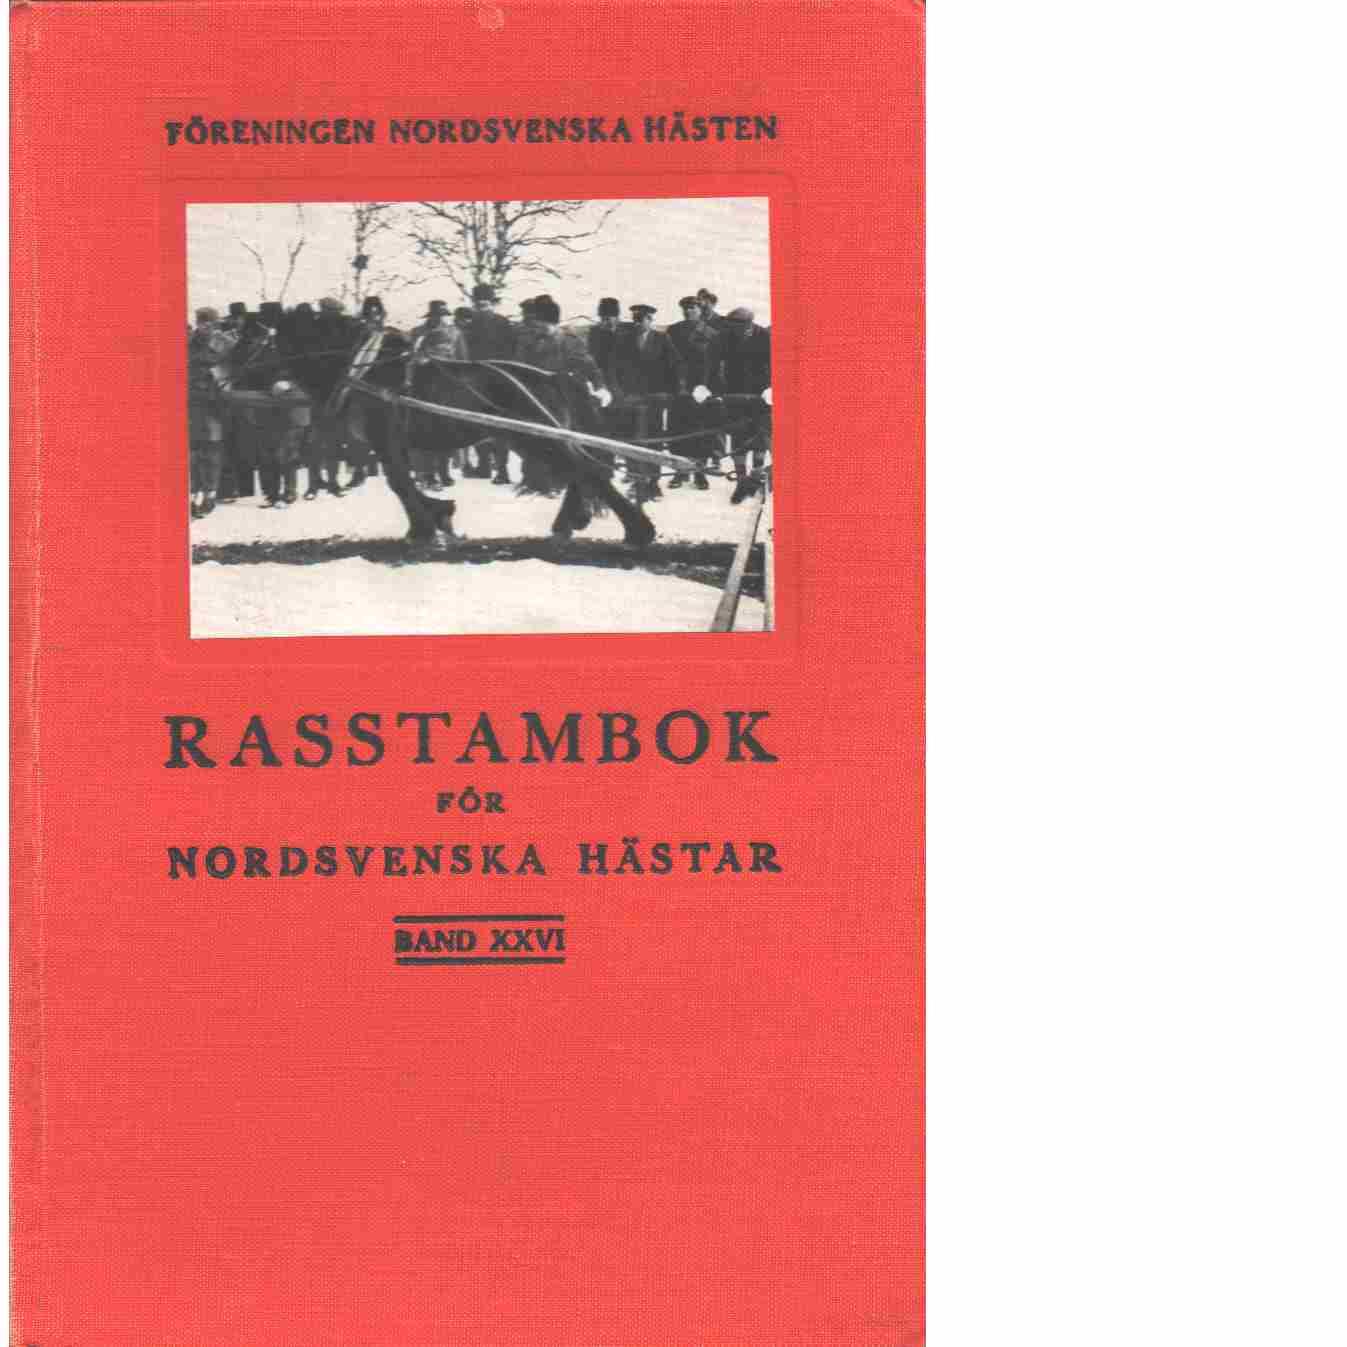 Rasstambok för nordsvenska hästar.  Band XXVI - Red. Föreningen Nordsvenska hästen